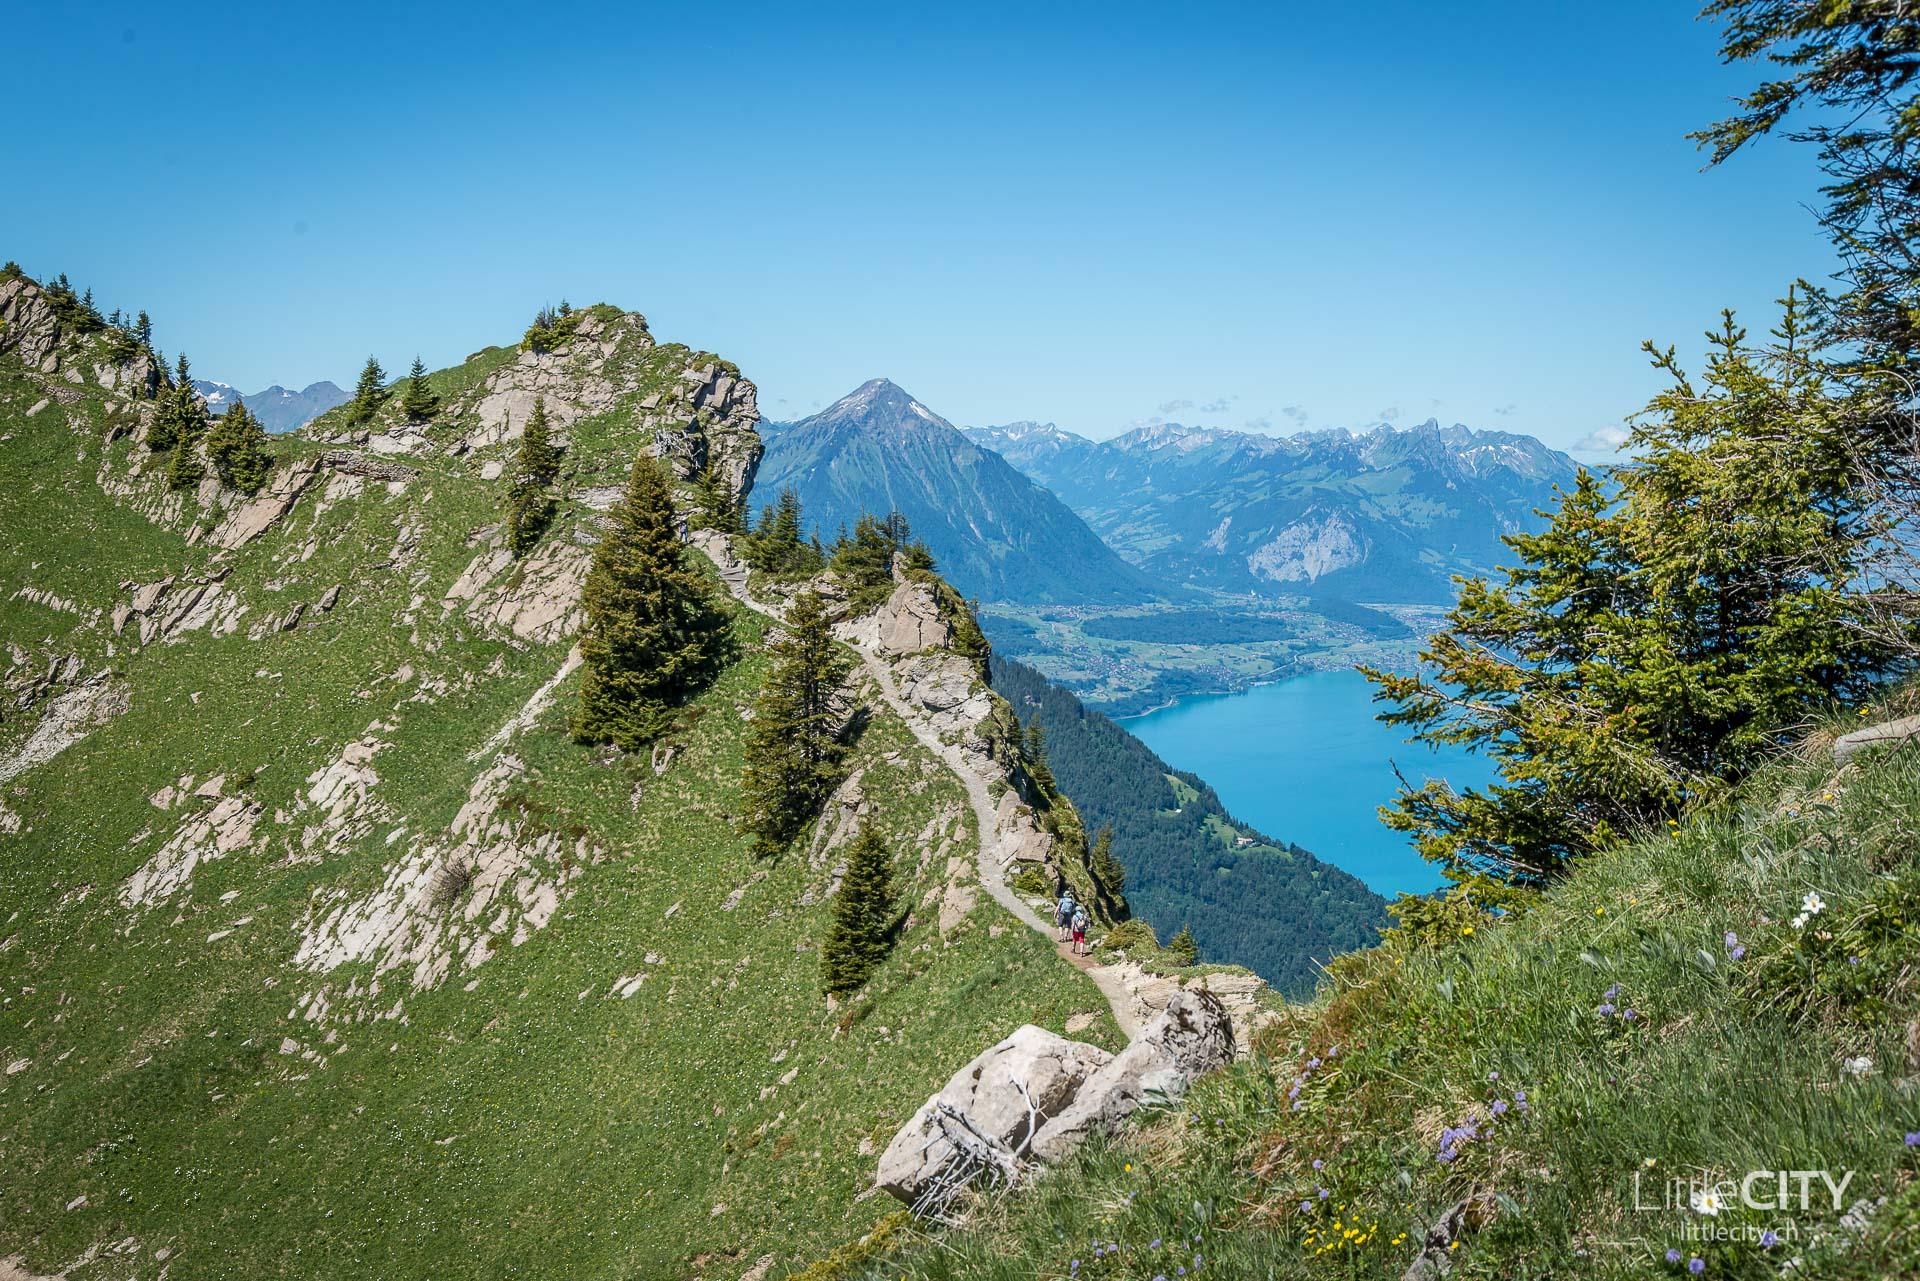 Schynige Platte Wanderung Jungfrau Bahnen LittleCITY-21